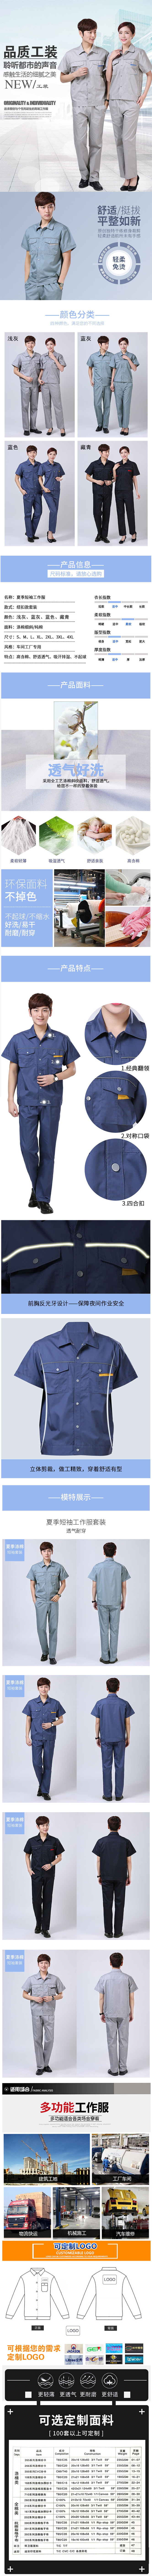 全工艺涤棉细斜纹夏季短袖工作服(1823-浅灰款)